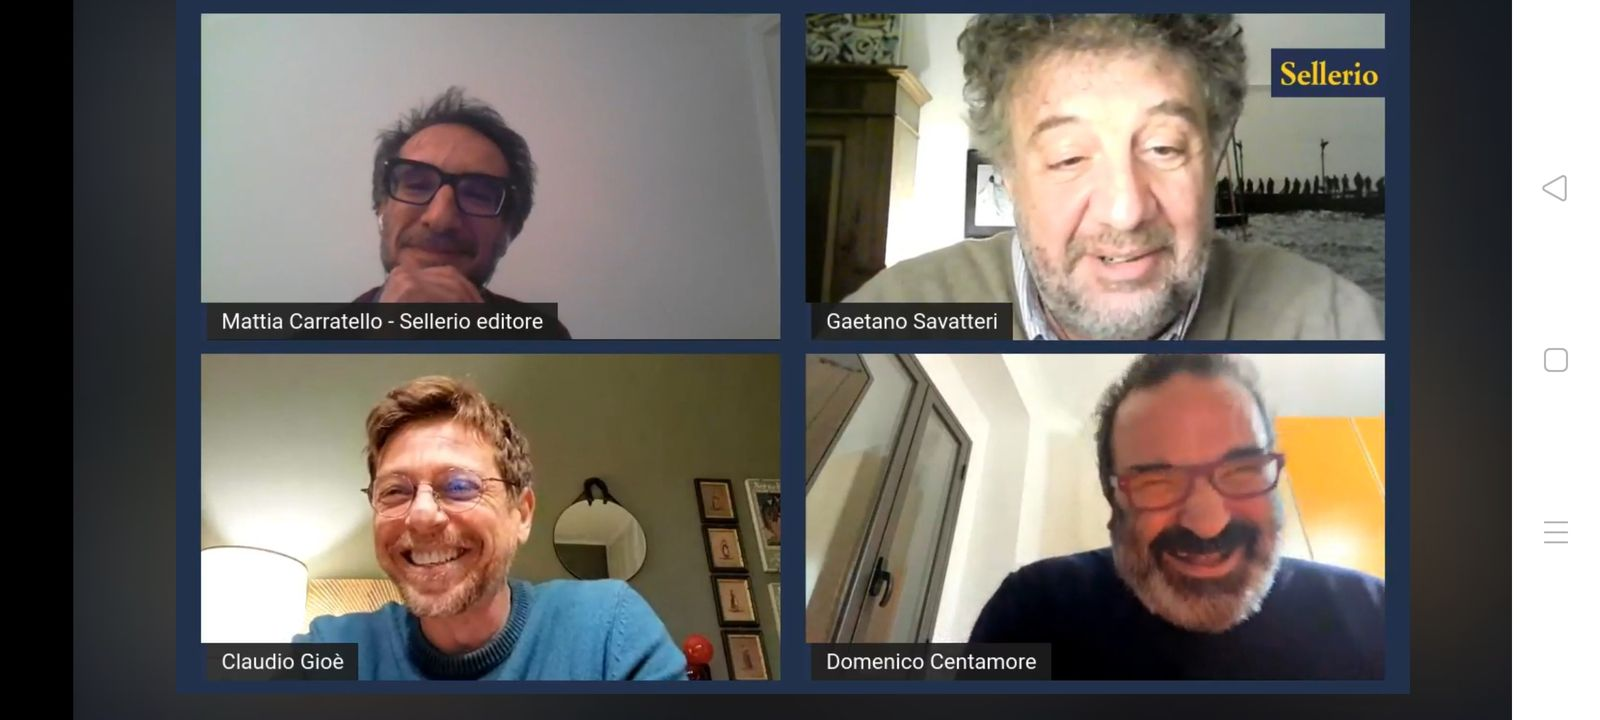 Lors de la rencontre en ligne proposée par Sellerio Editore mercredi en fin de journée.